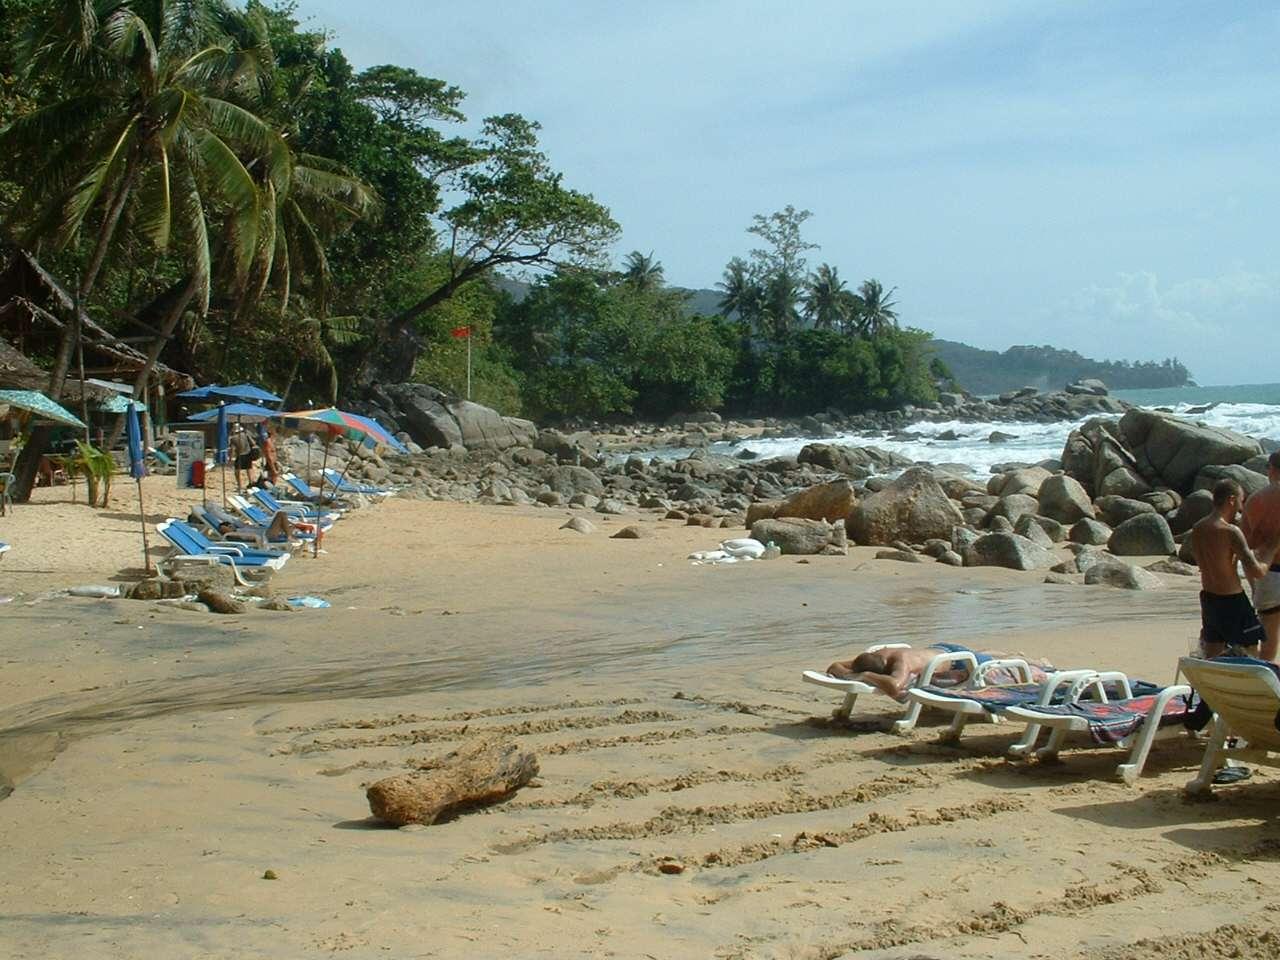 Laem Singh Beach, Phuket, Thailand